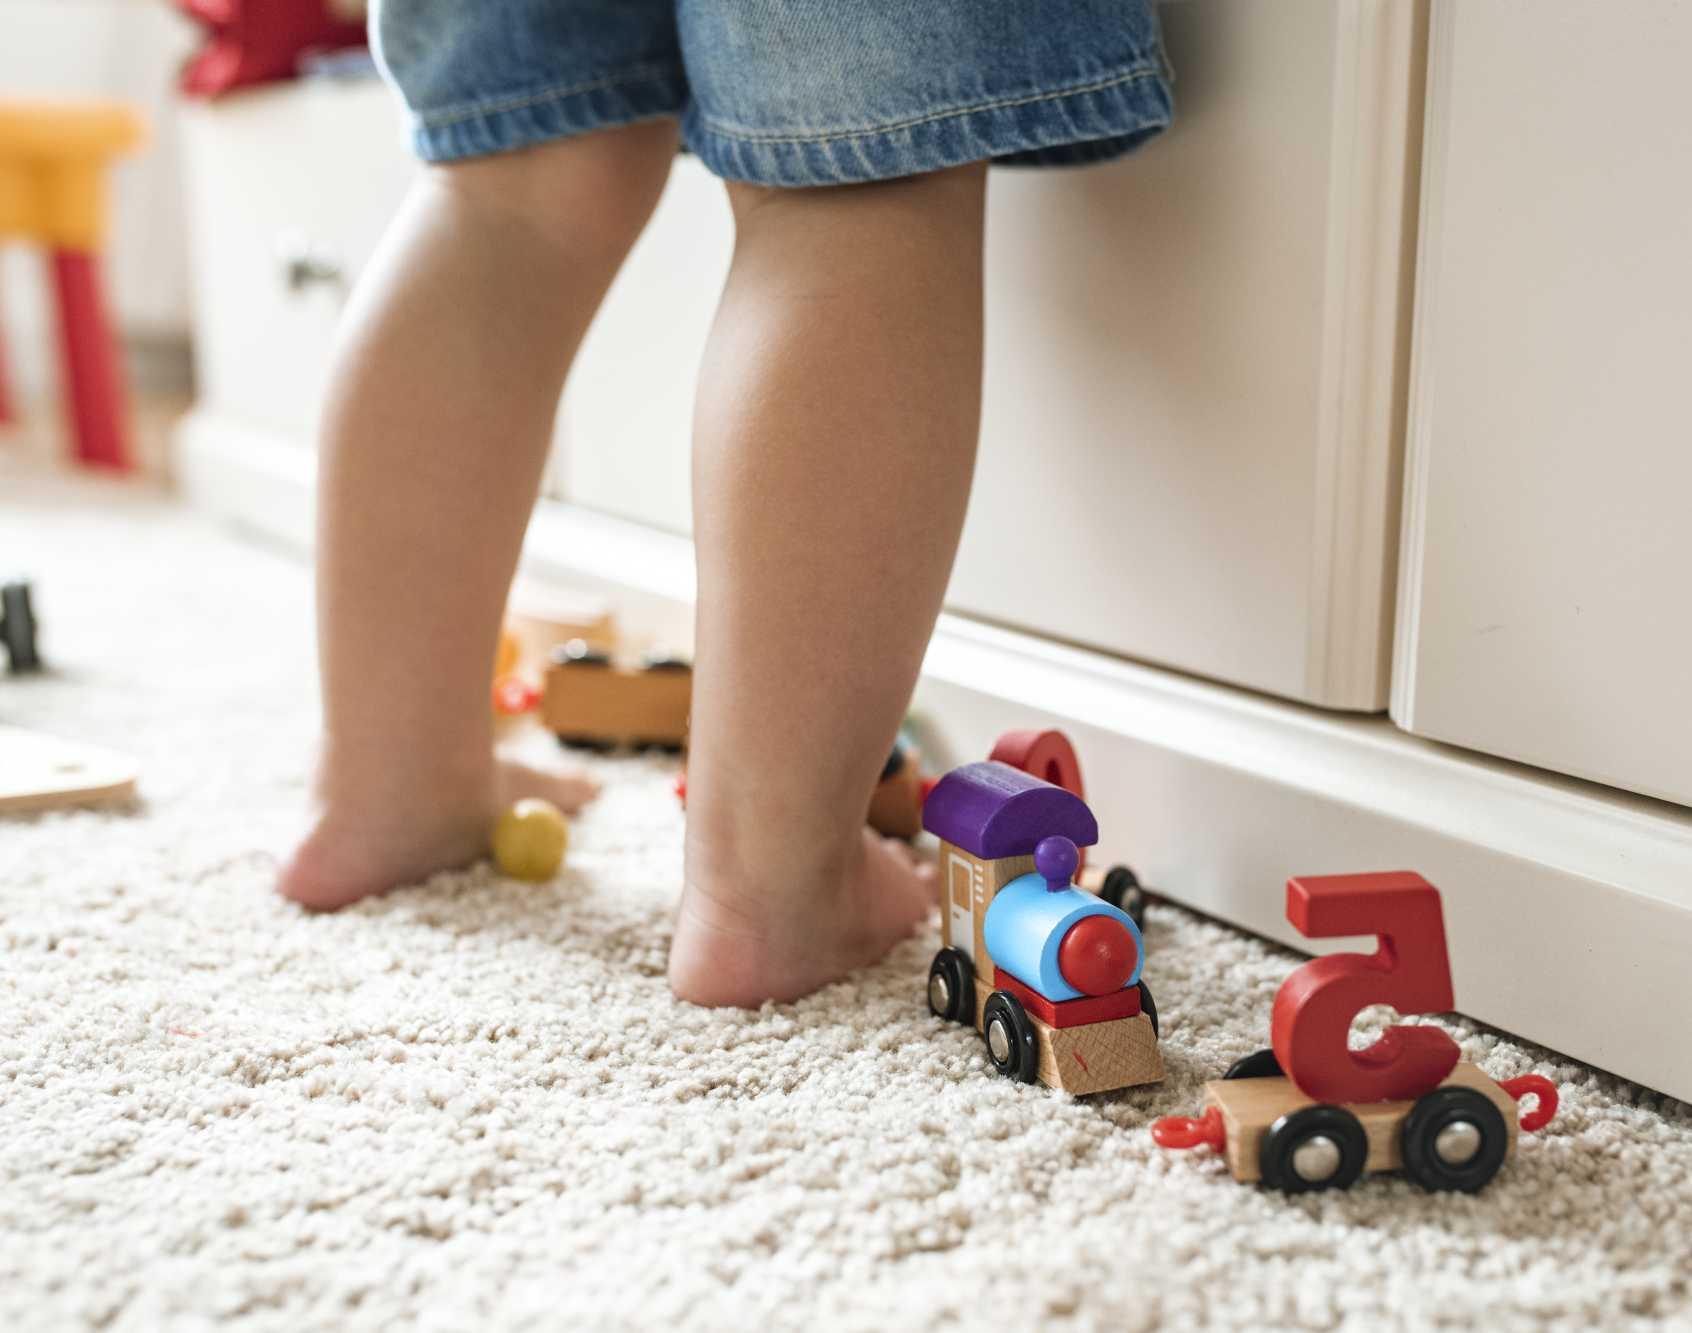 Juguetes y juego para generar salud y bienestar